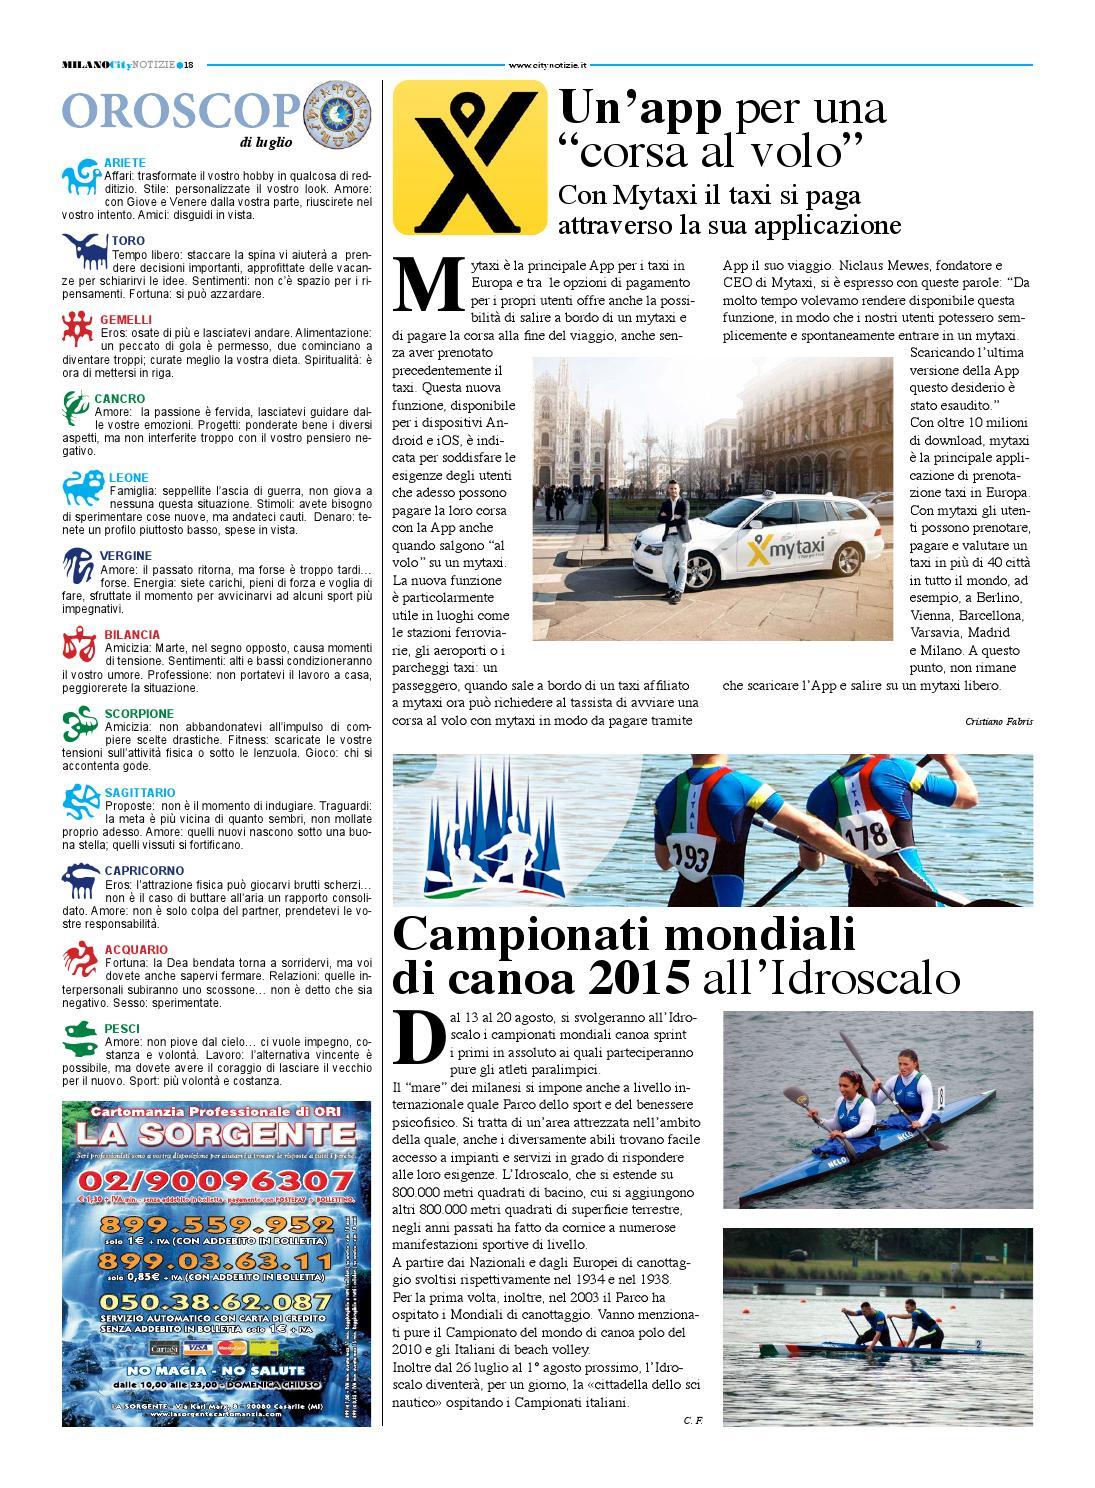 Milano city notizie 2015 by calogero urruso issuu - In volo gemelli diversi ...